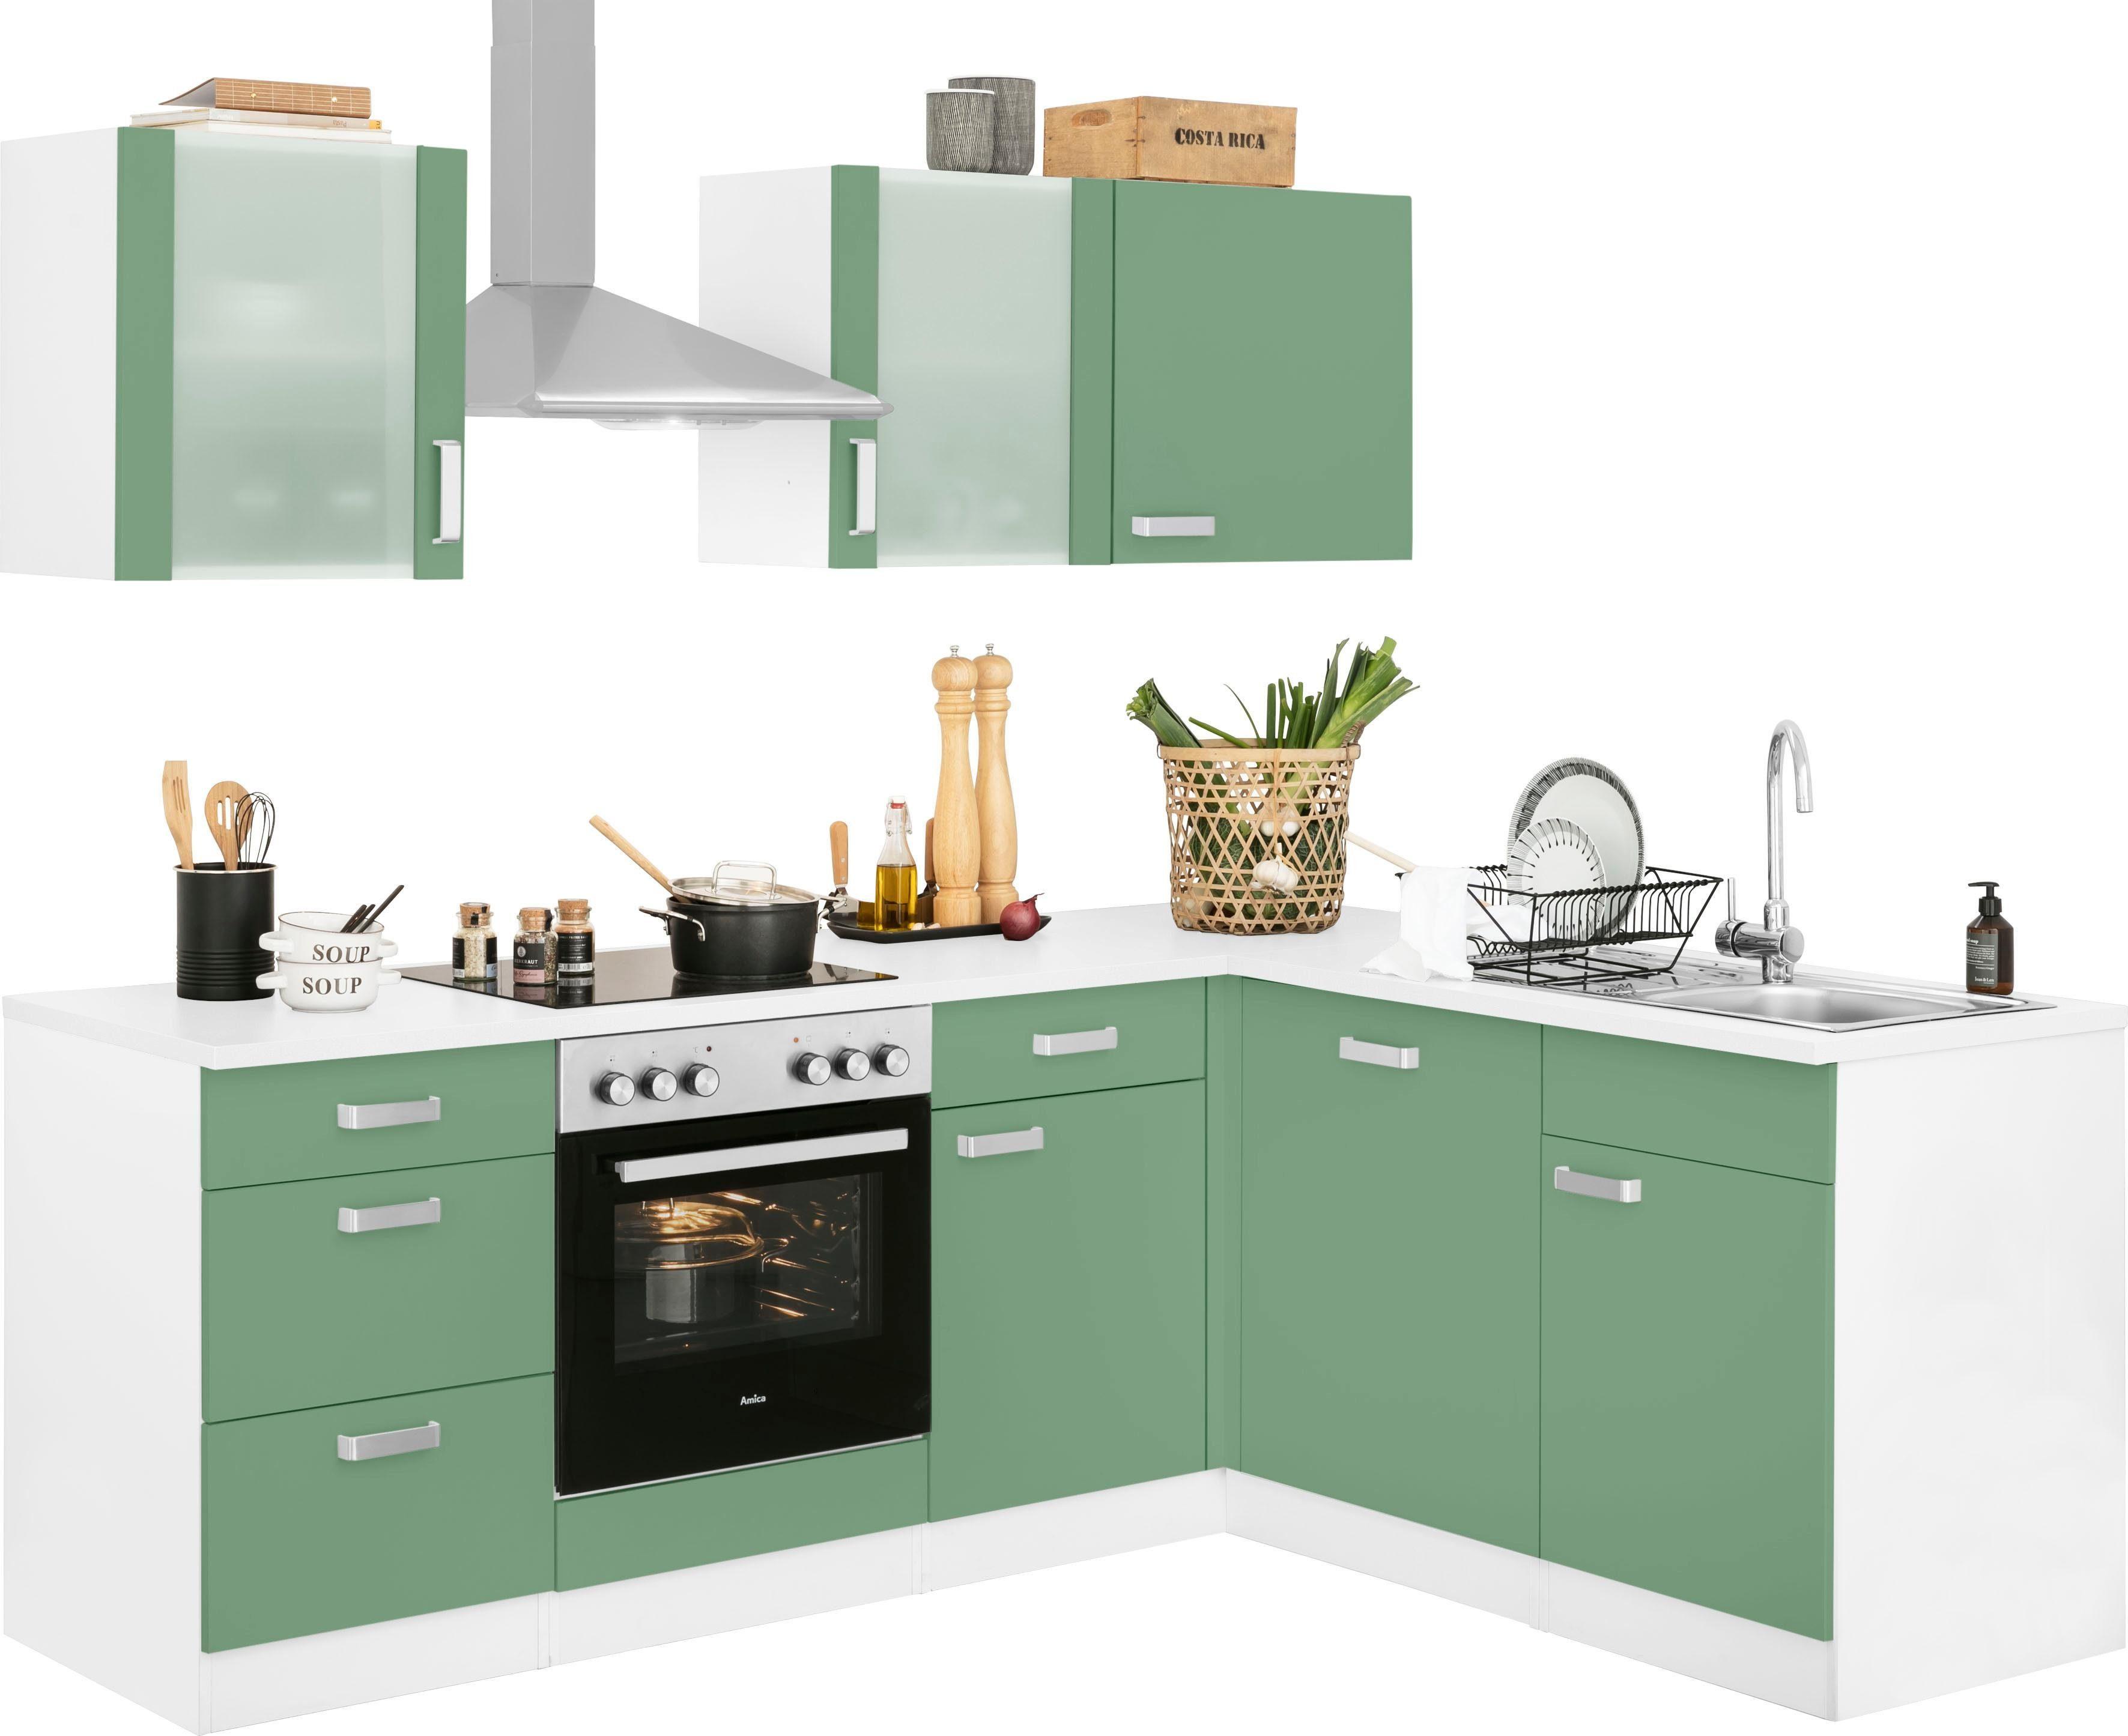 wiho Küchen Winkelküche Husum mit E-Geräten Stellbreite 220 x 170 cm